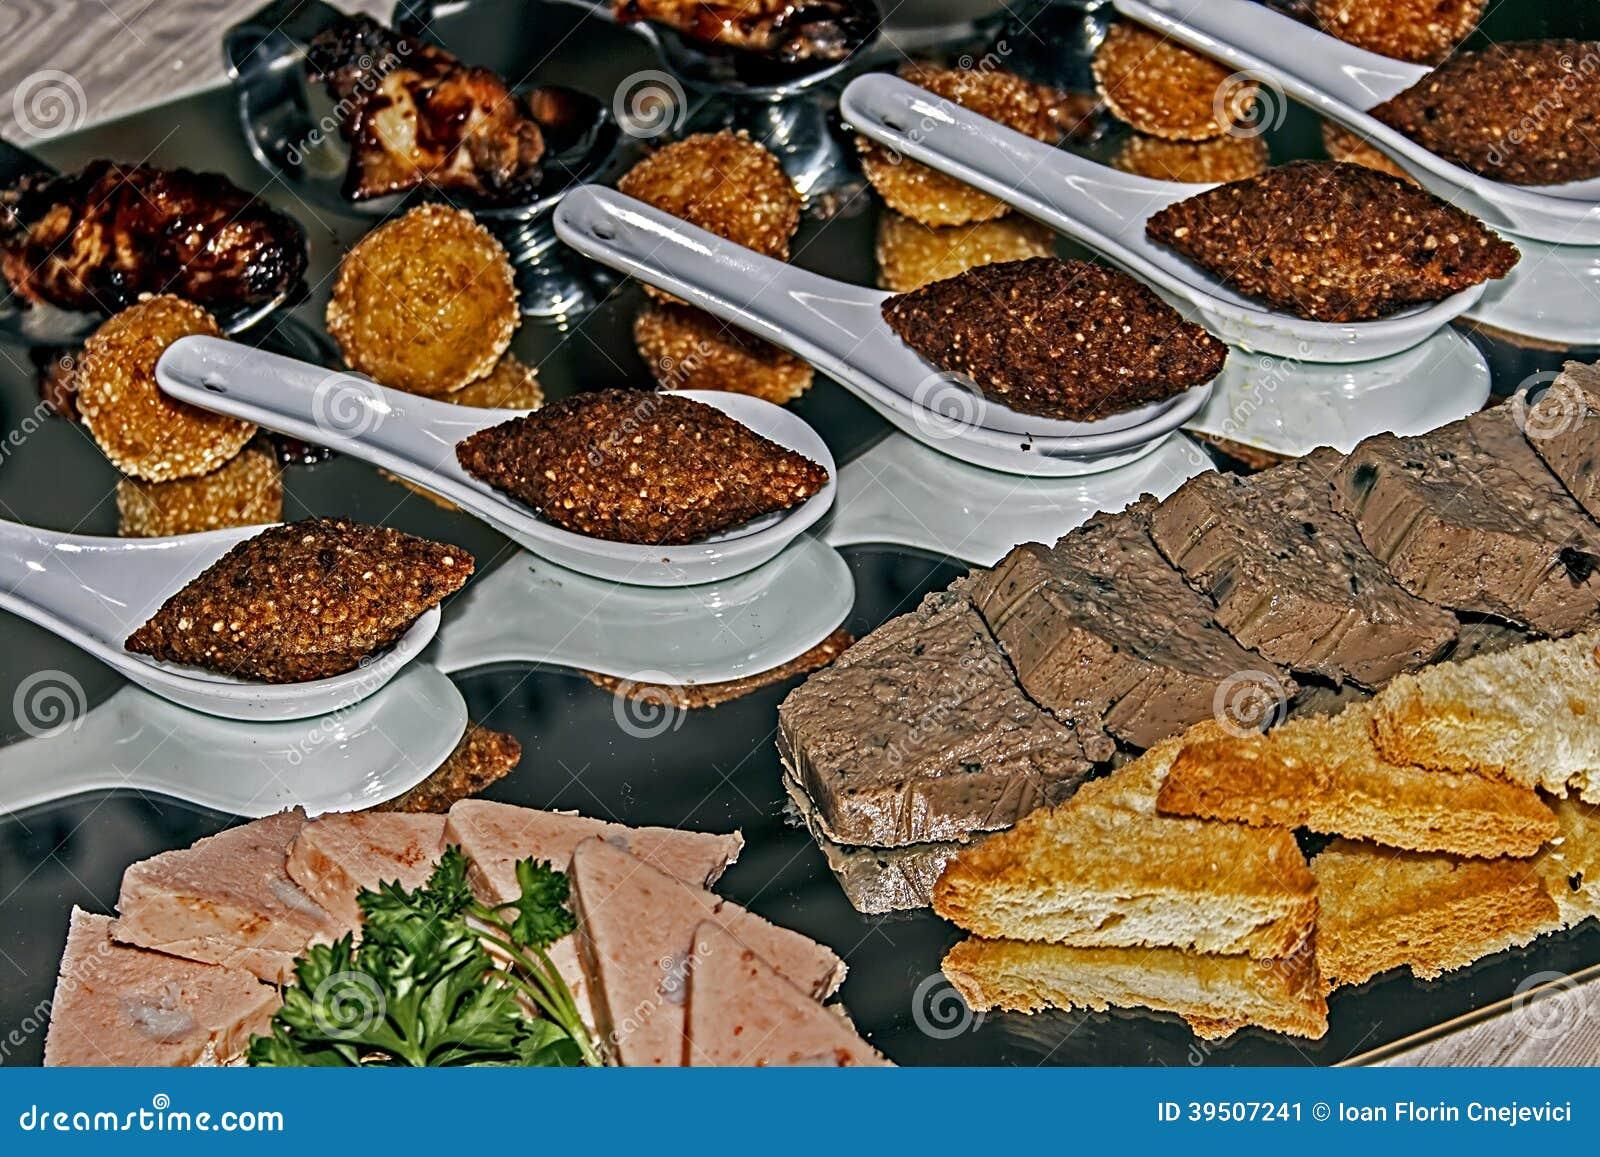 Arrangement of food 40